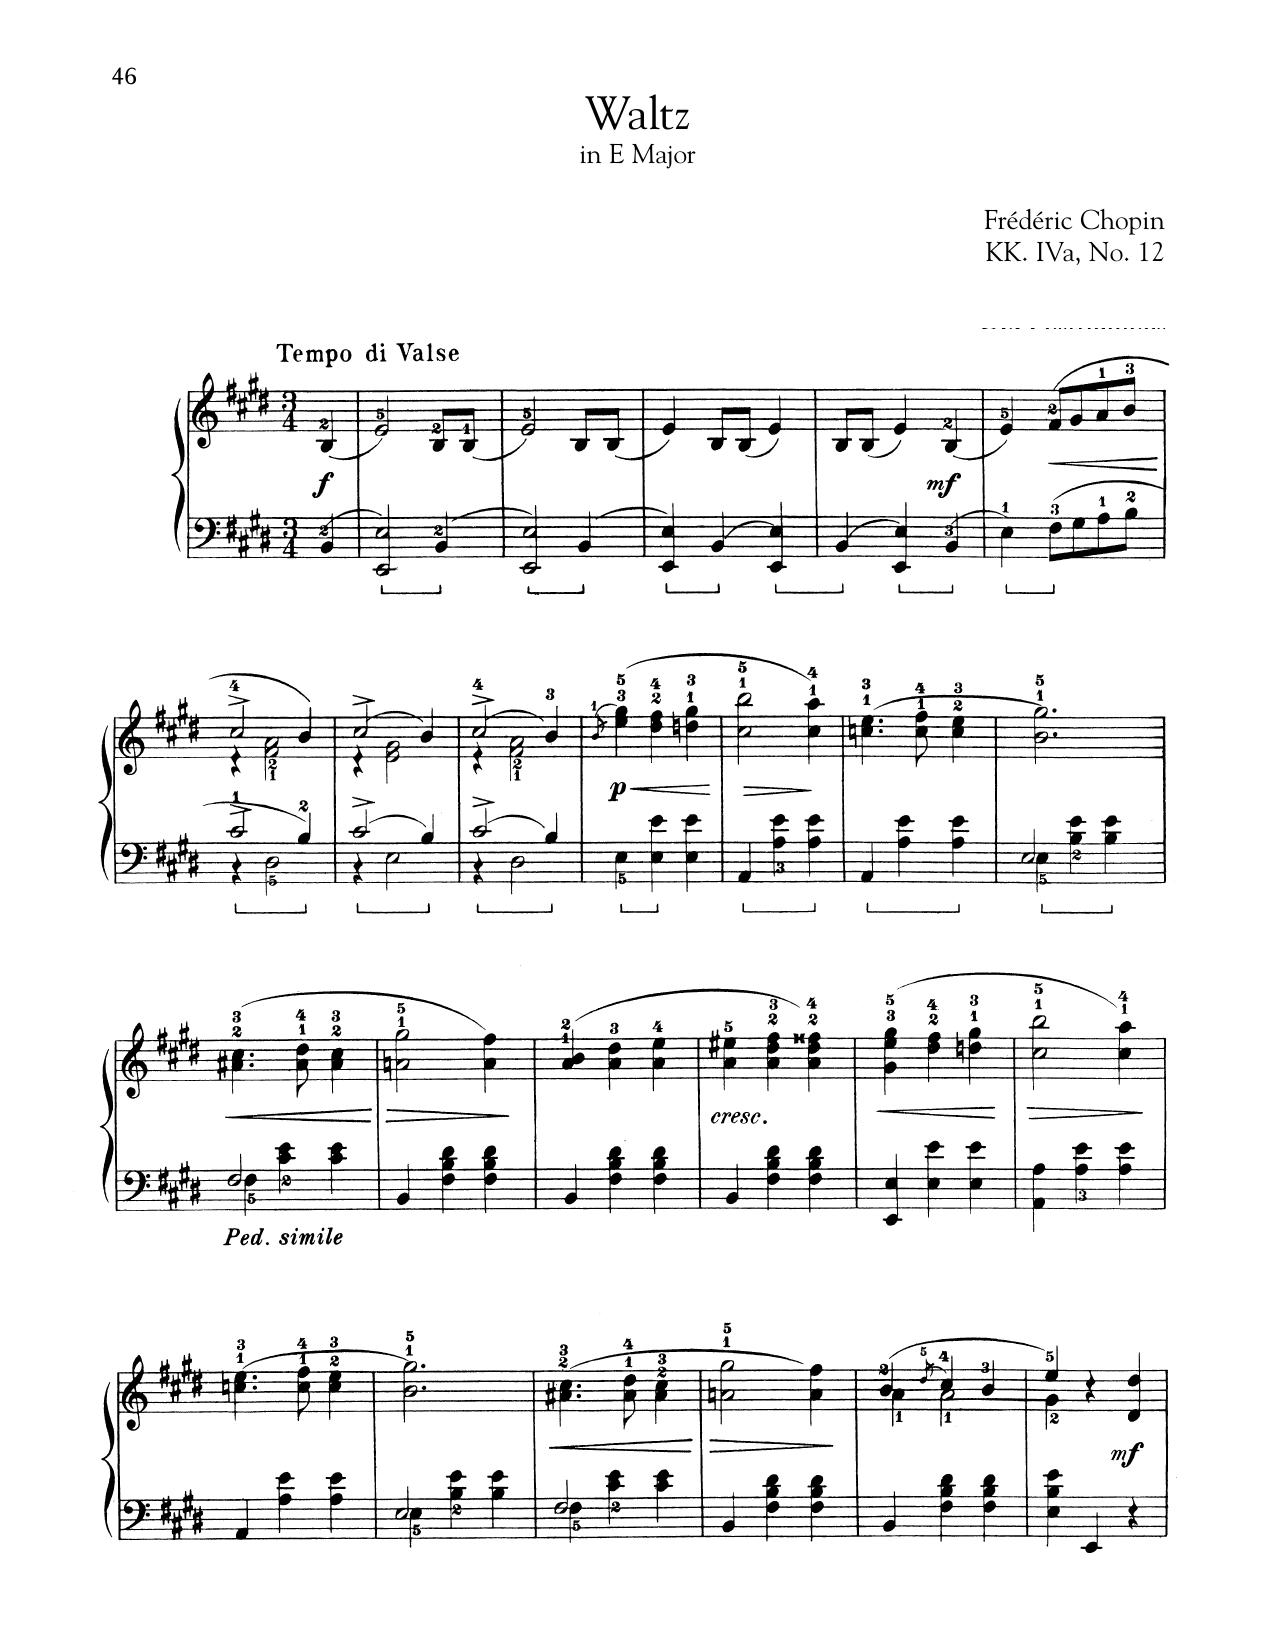 Waltz In E Major, KK. IVa, No. 12 (Piano Solo)